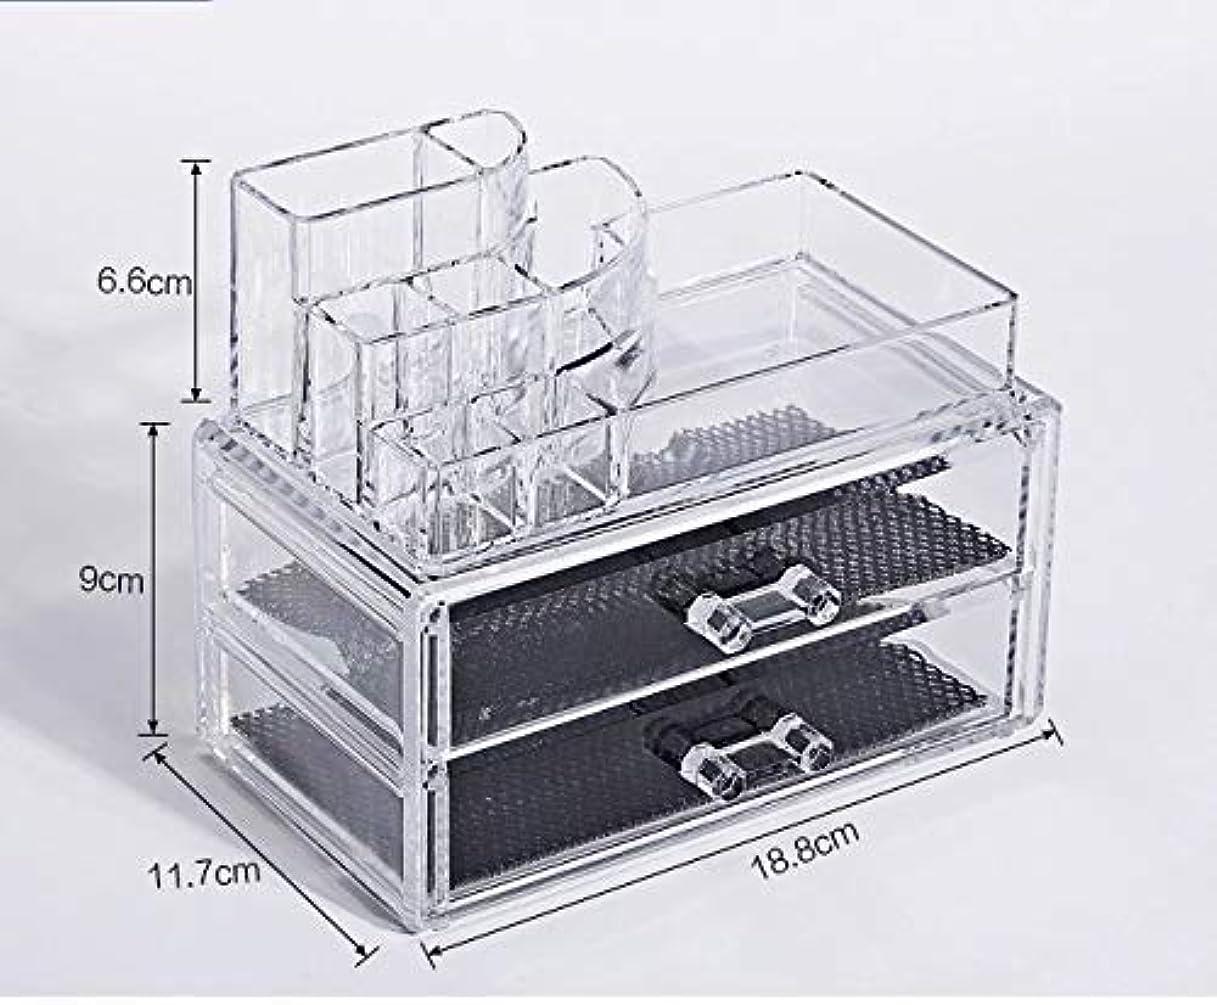 マディソンホーム運動化粧品収納ボックス メイクボックス 化粧品 収納 ニオイなし 騒音なし 防塵 高透明度 強い耐久性